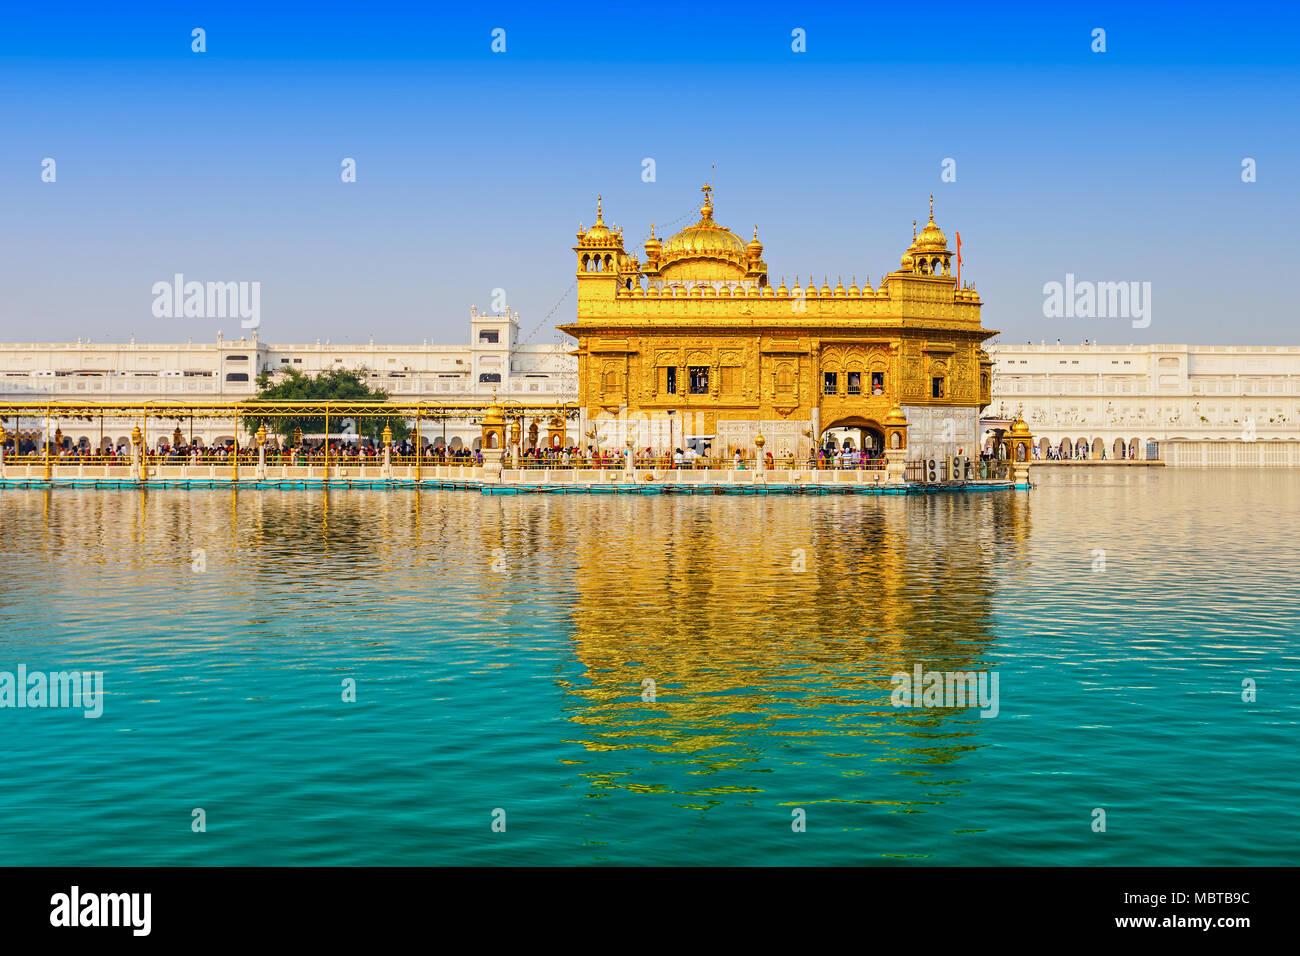 golden temple (harmandir sahib) in amritsar, punjab, india stock